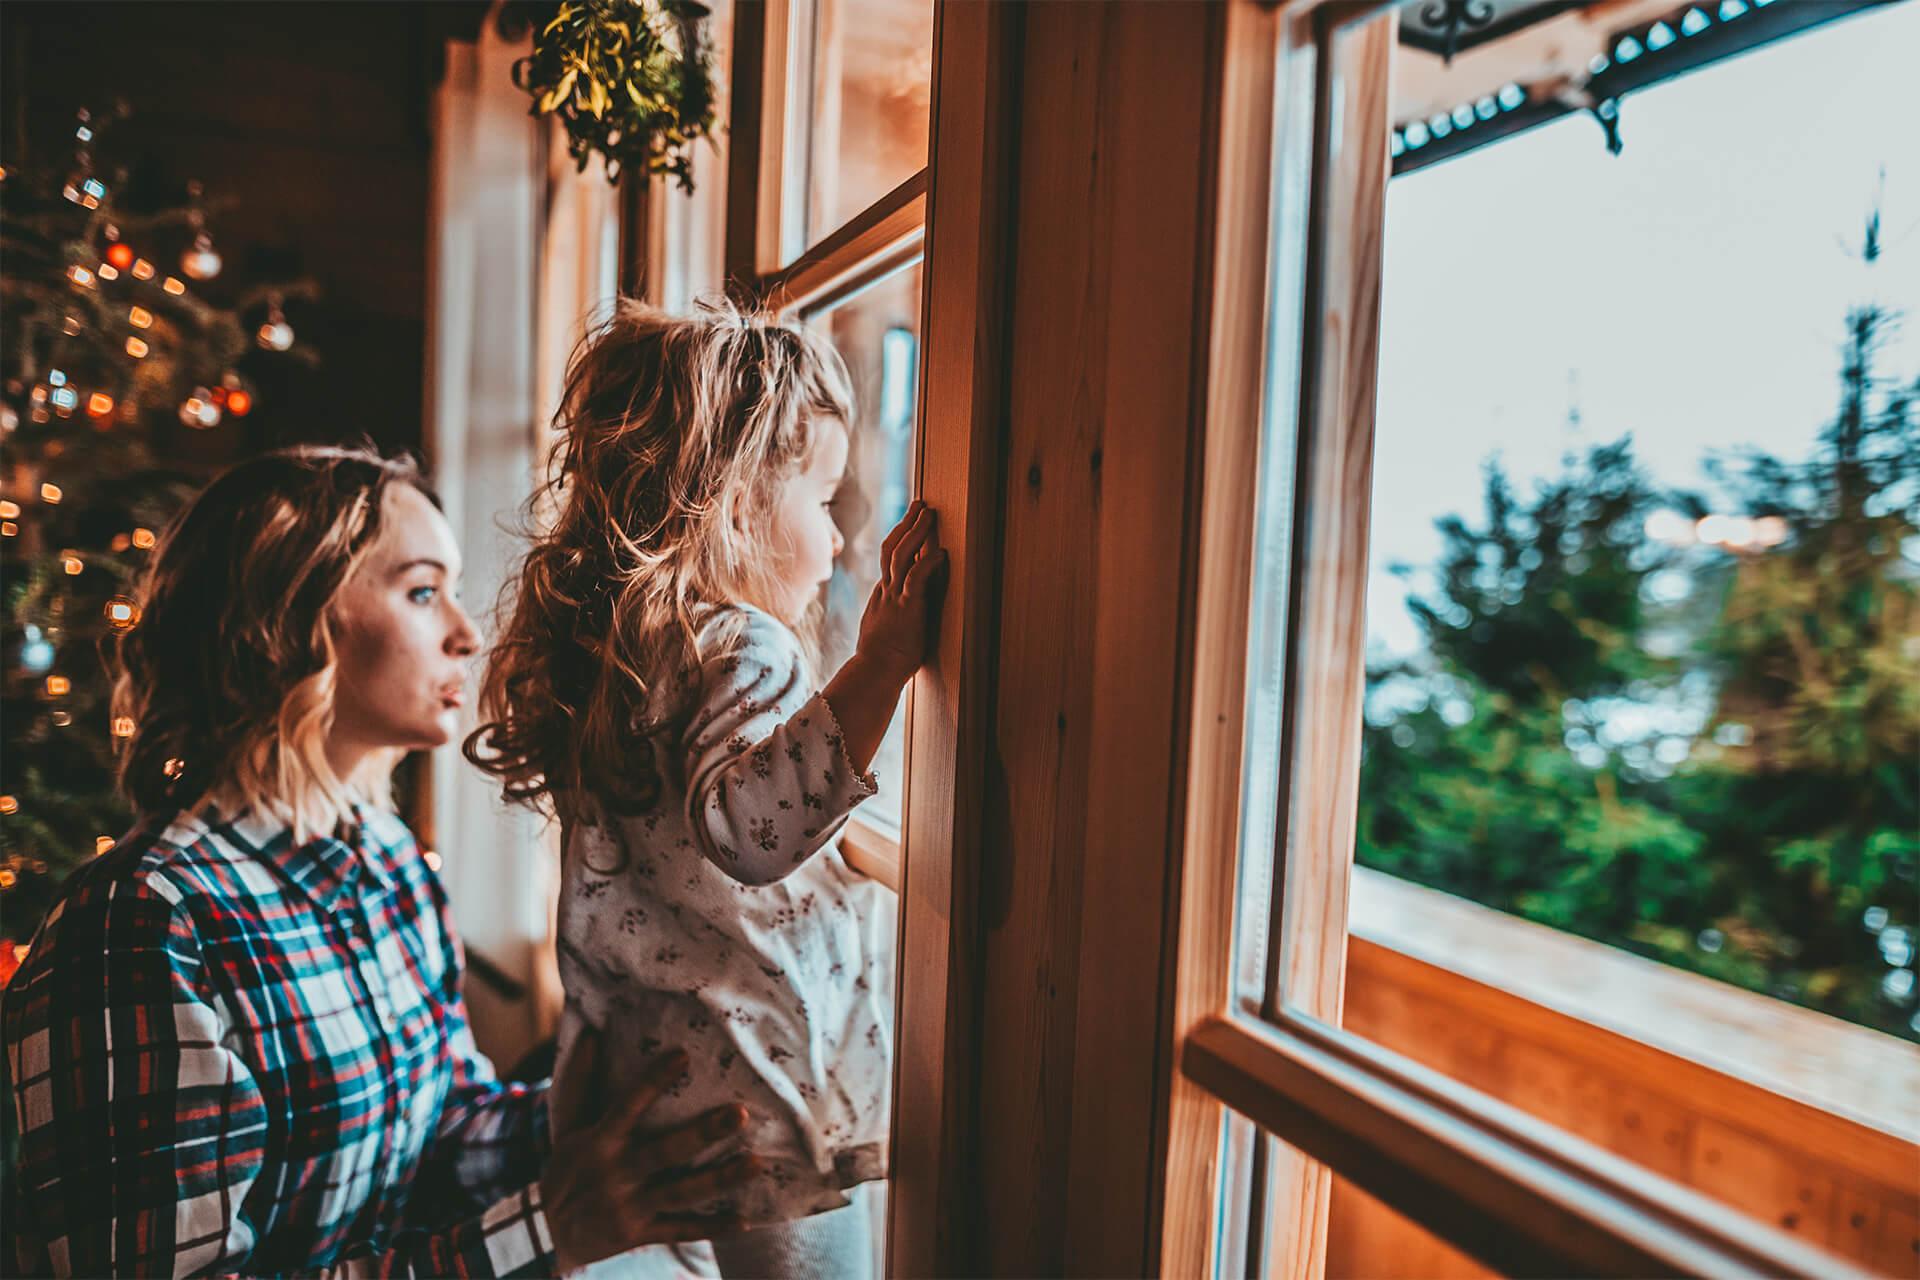 kid and mom watching window